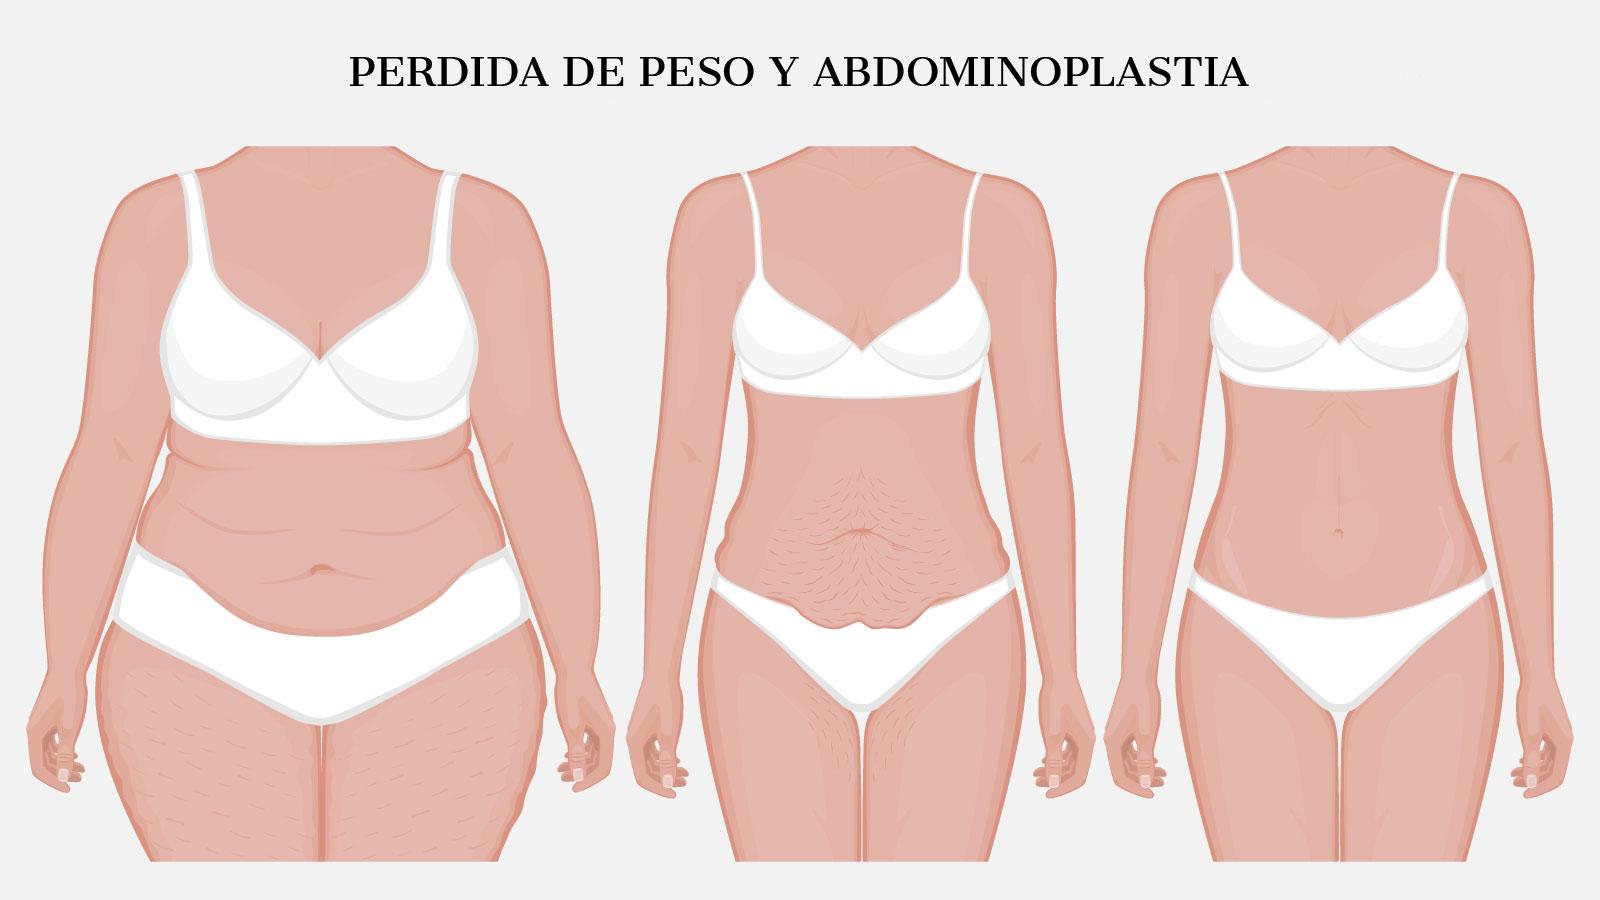 eliminar grasa abdominal tras perdida de peso con abdominoplastia